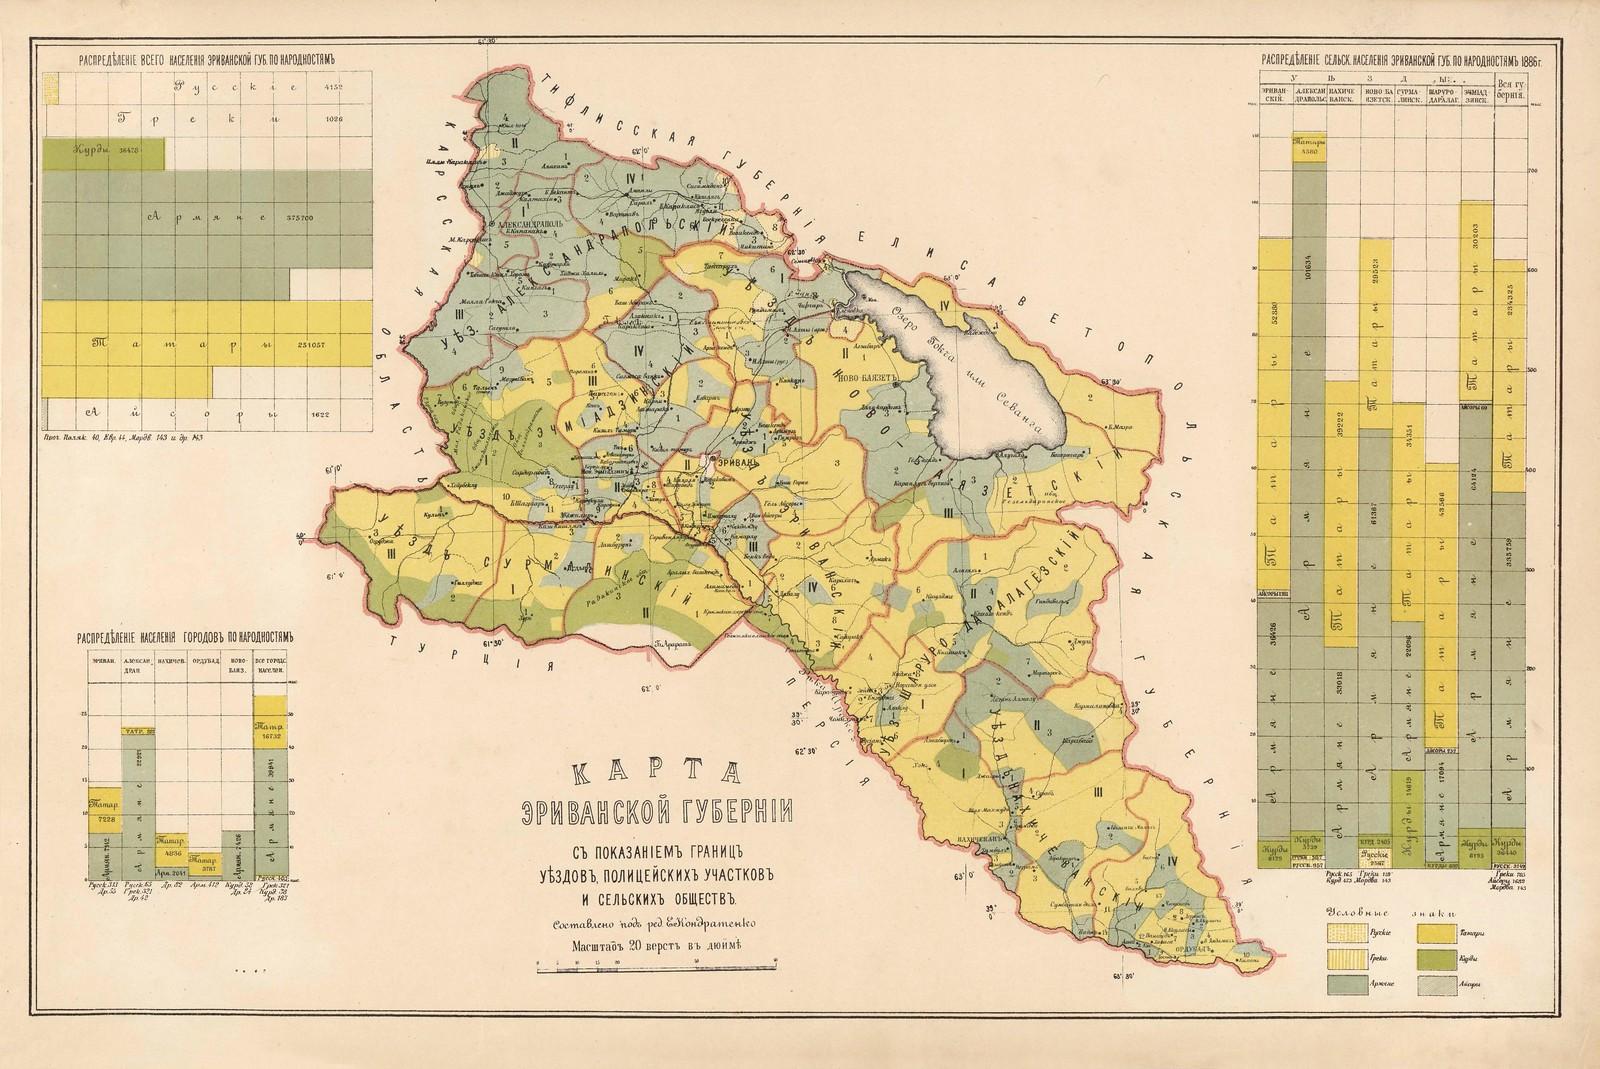 Карта Ериванской губернии